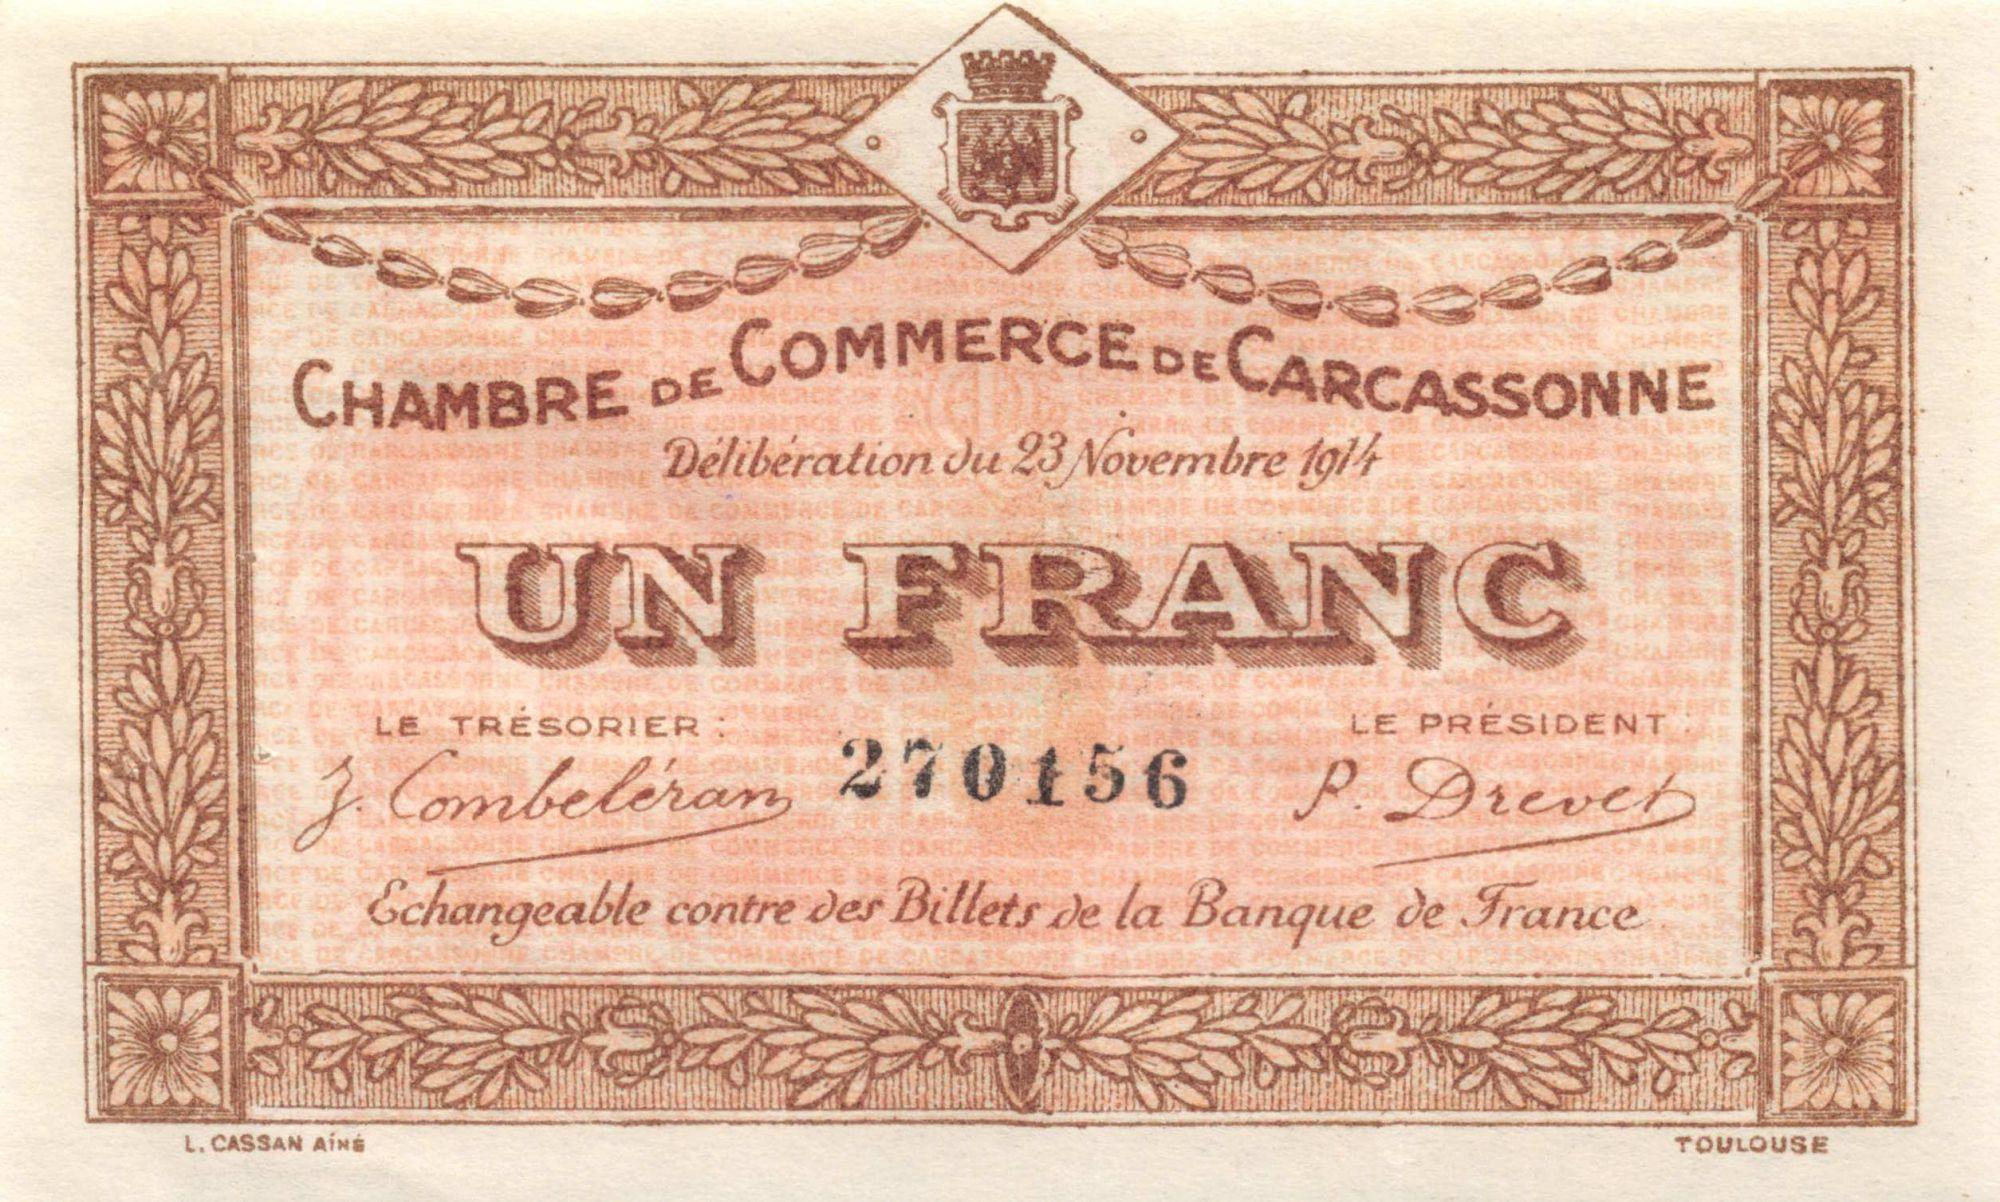 France 1 Franc - Chambre de Commerce de Carcassonne 1914 - SUP